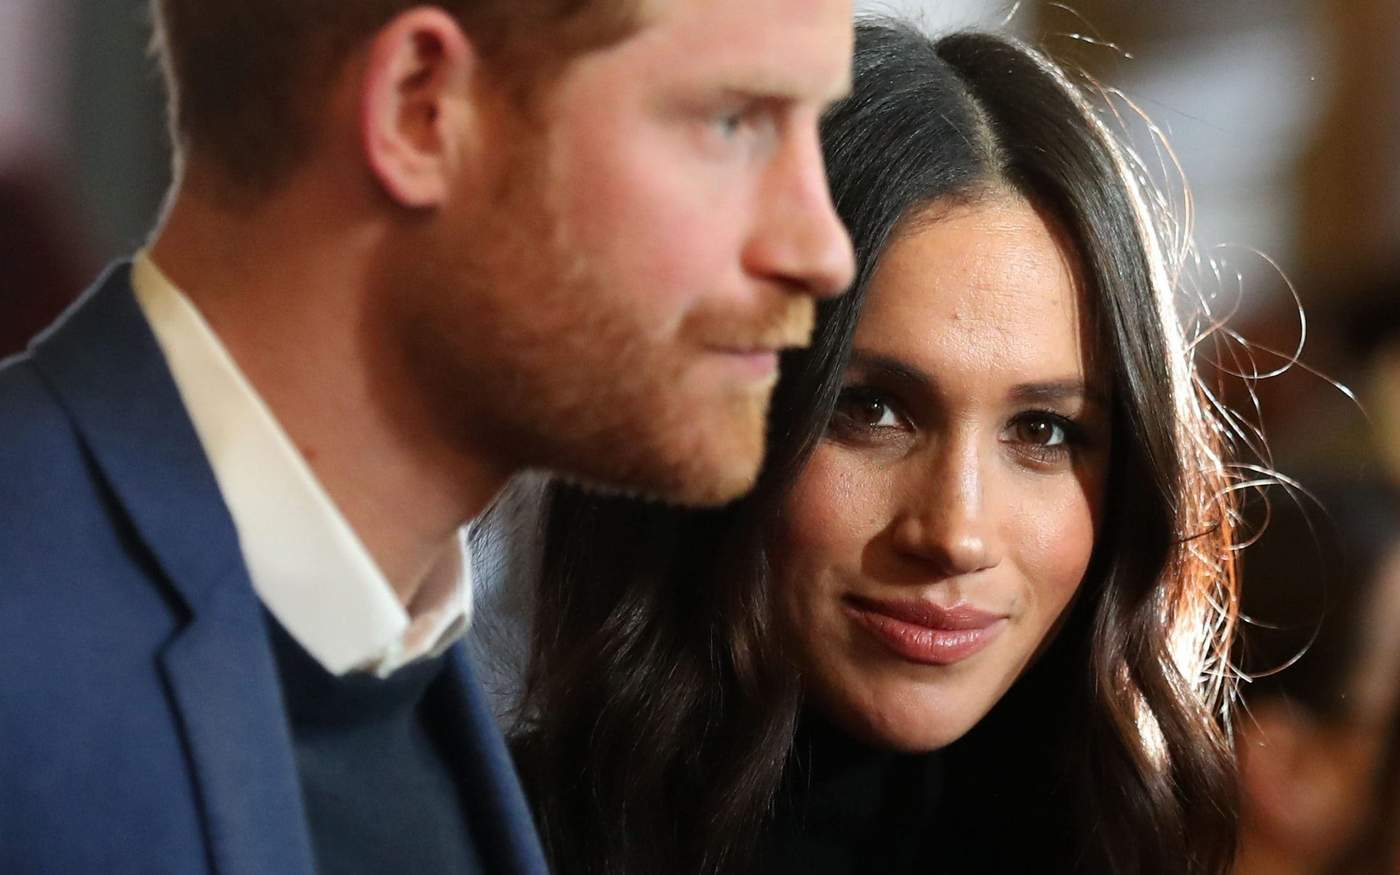 Меган Маркл и принц Гарри продадут скандалы королевского дворца - готовится сенсация